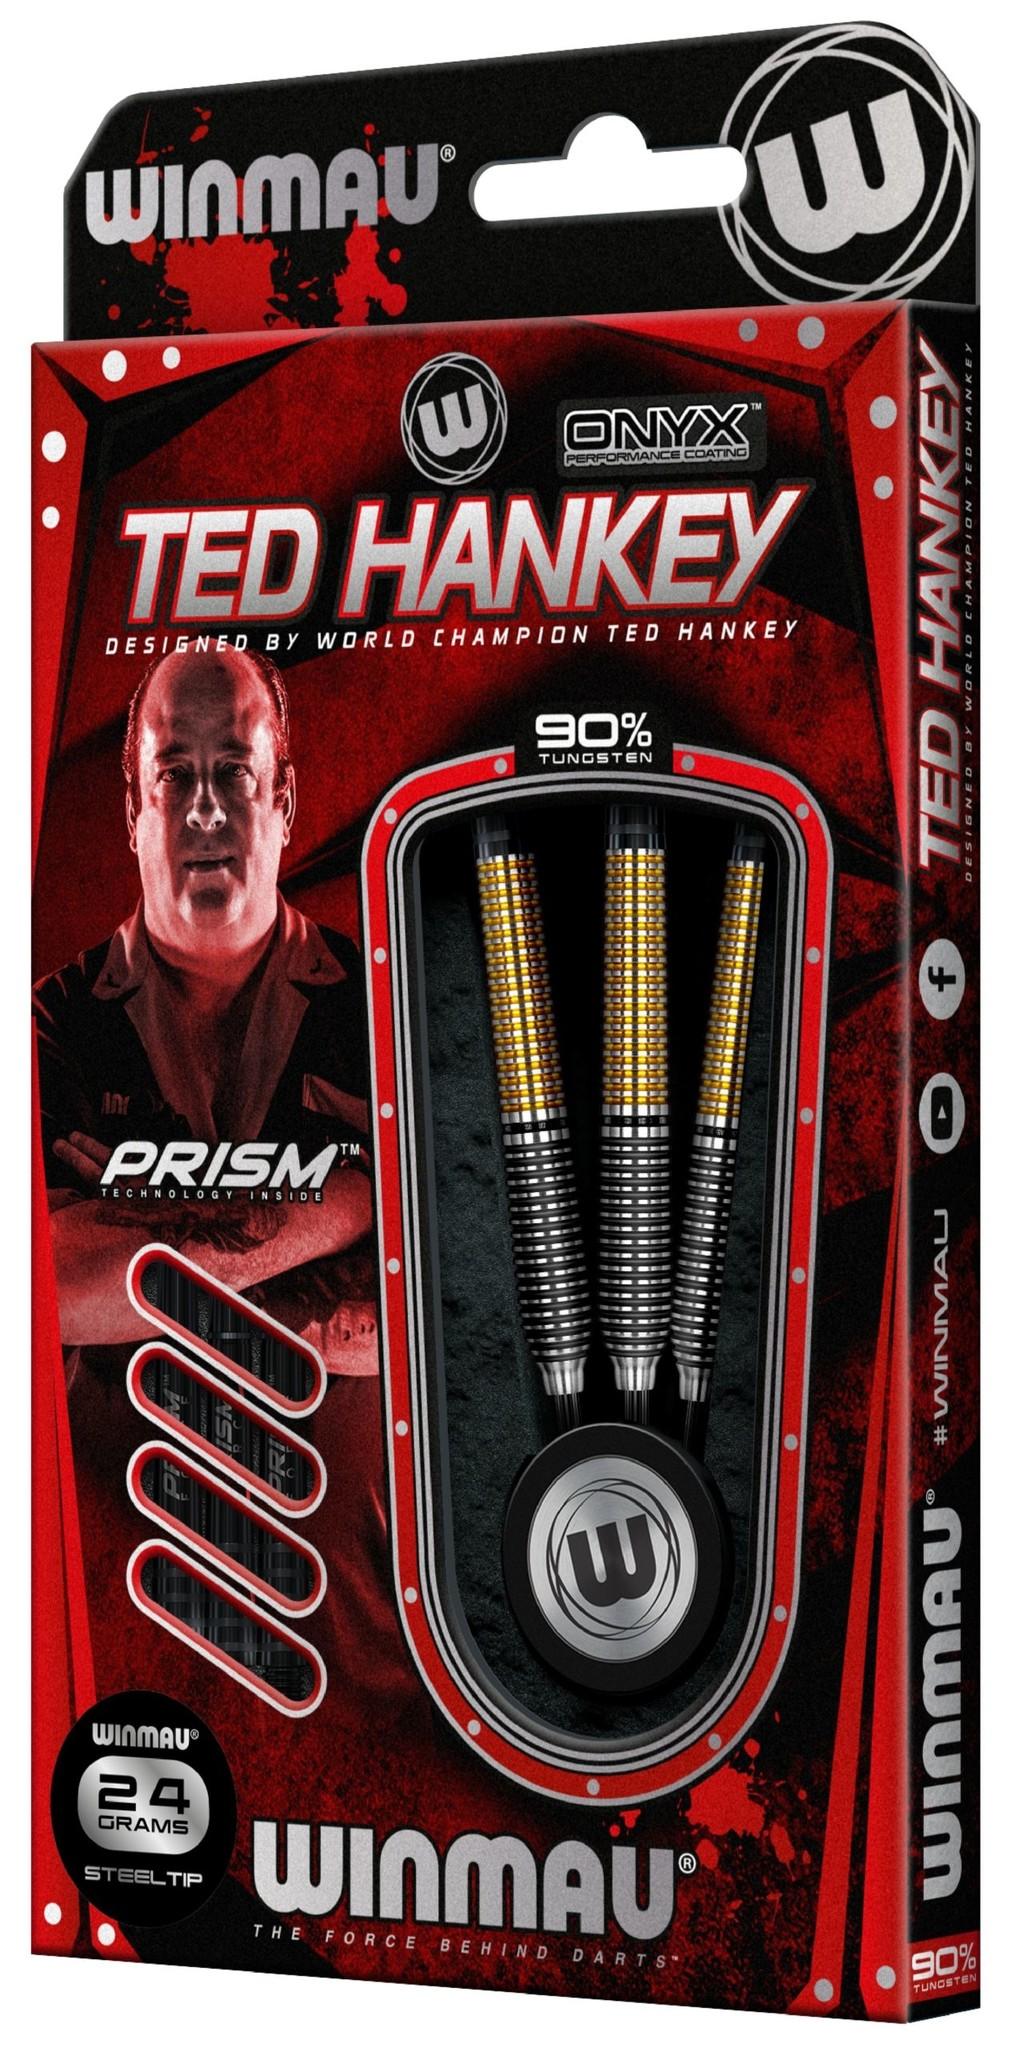 Winmau Darts Winmau Ted Hankey Special Edition 90% - 24 Gram